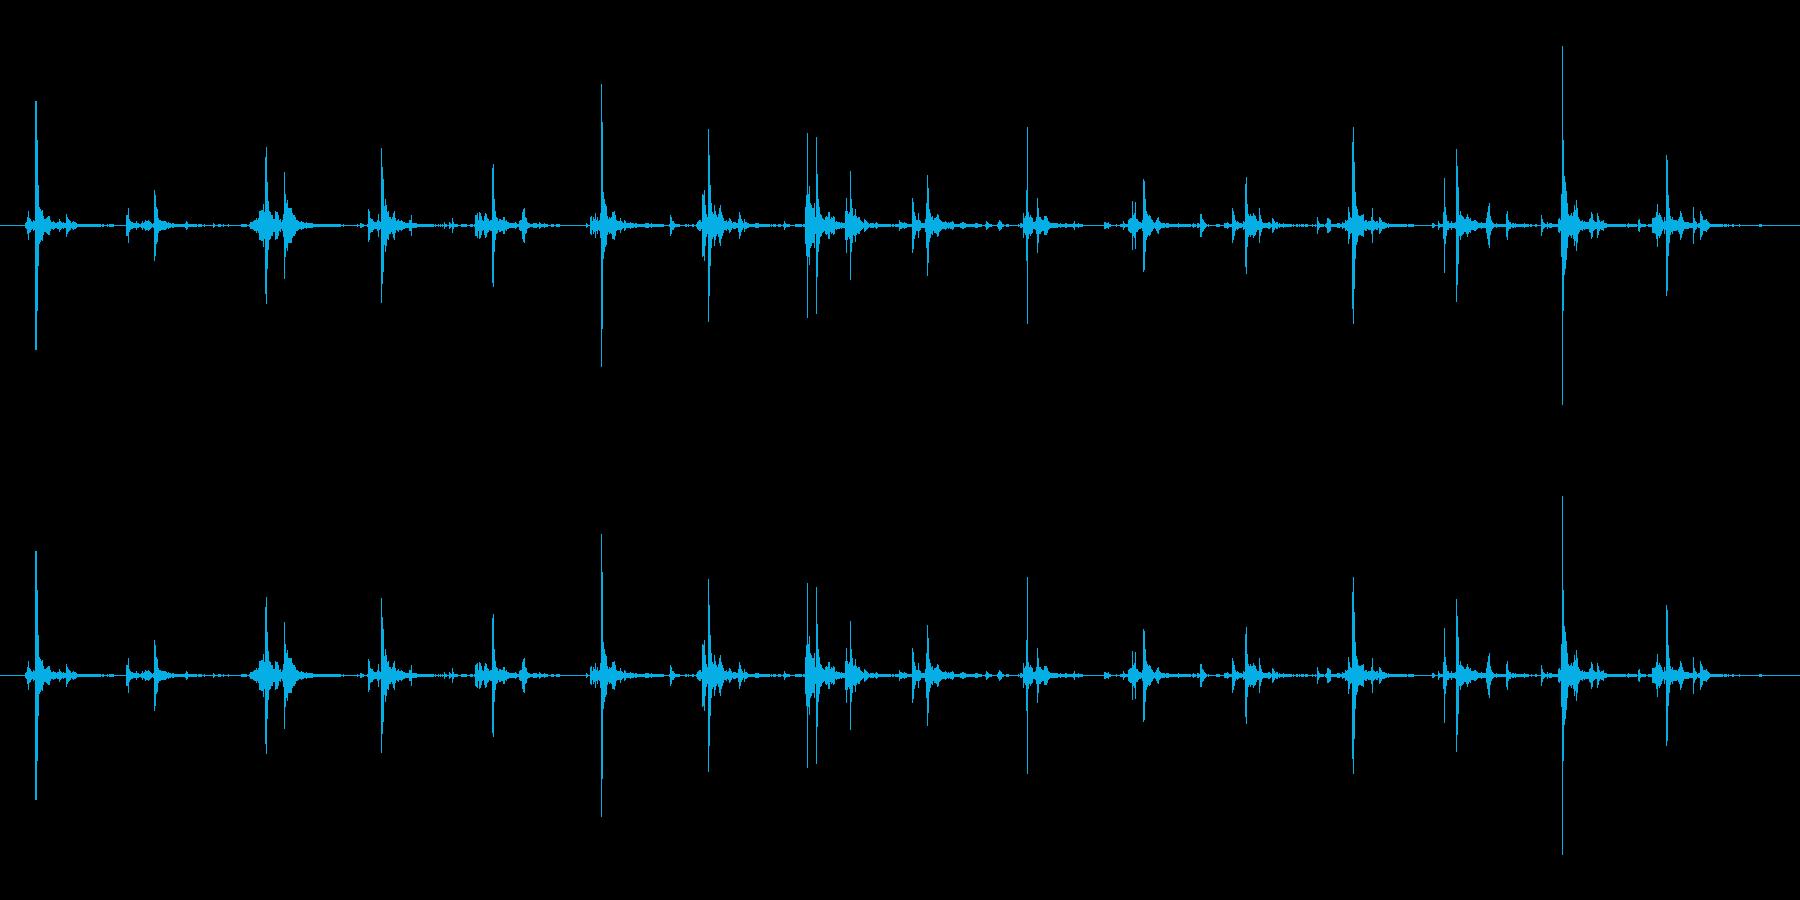 泡立て器でかき混ぜる音(料理/調理)の再生済みの波形